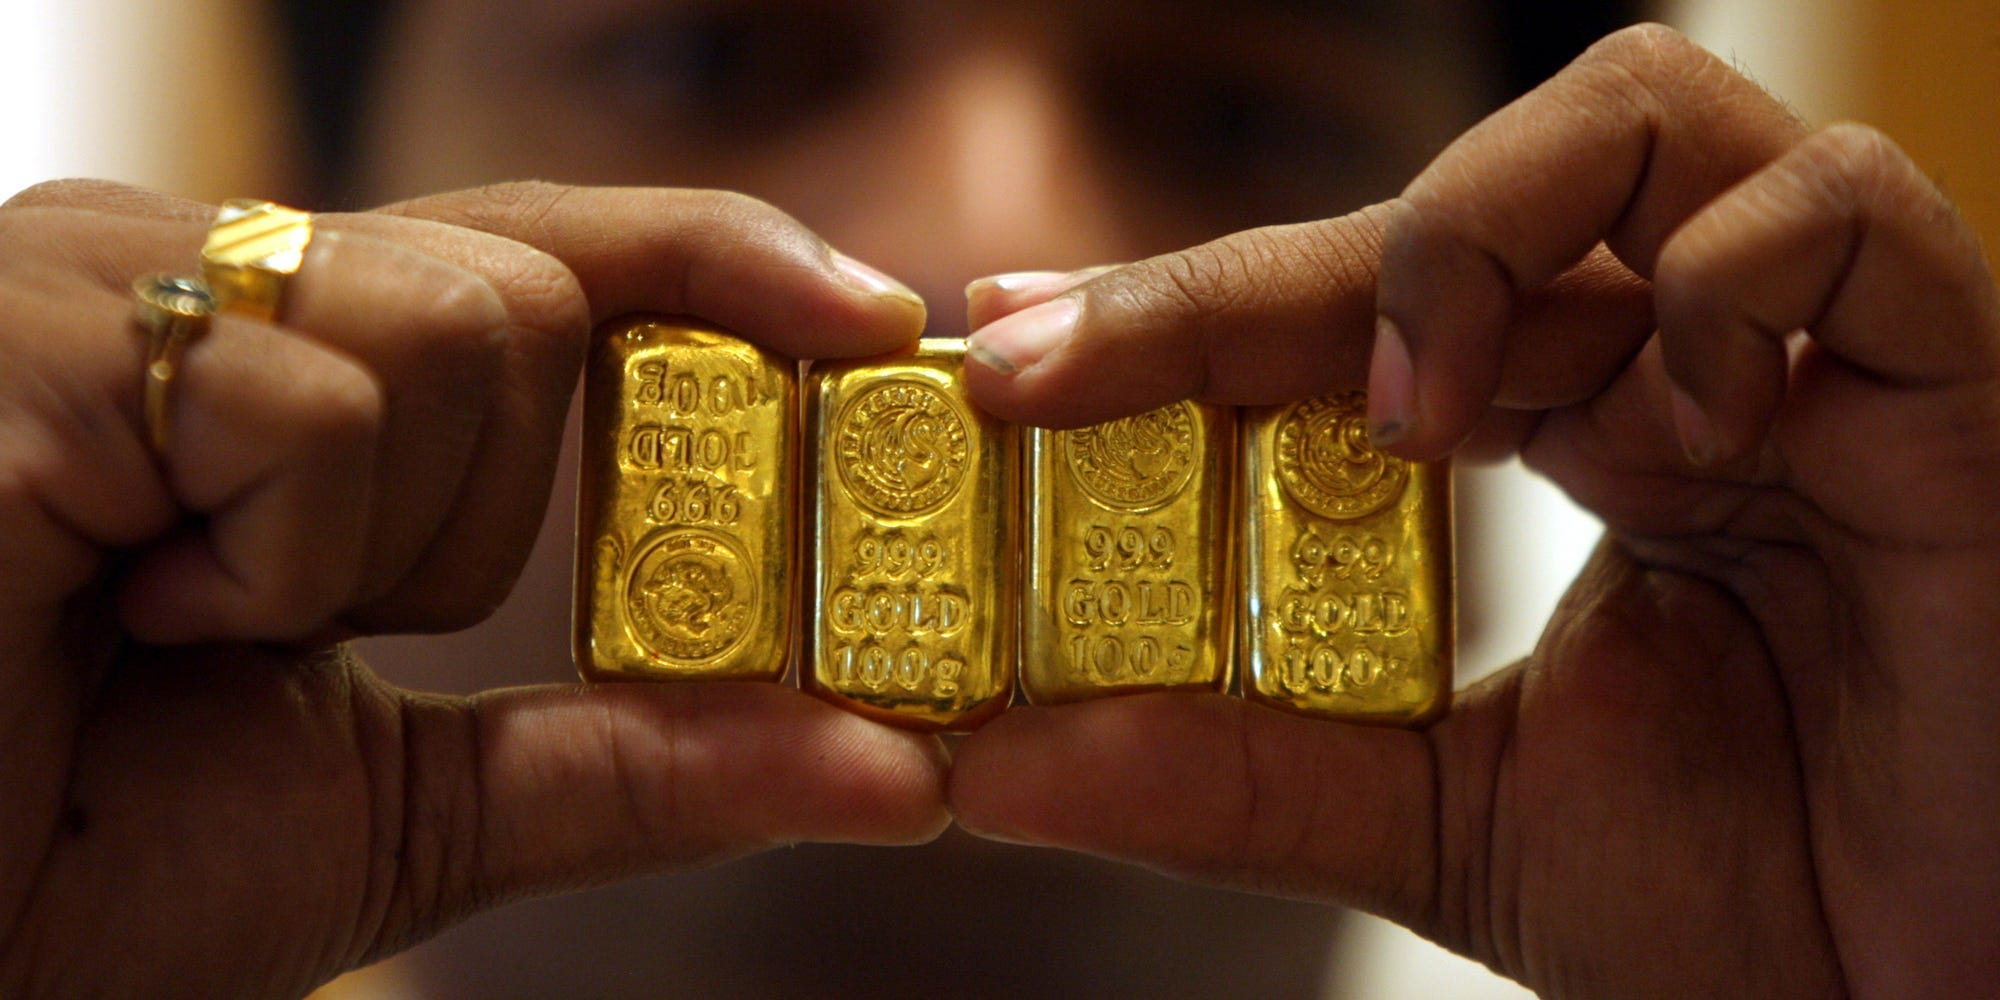 Giá vàng hôm nay 14/1: Vàng SJC không có nhiều biến động - Ảnh 1.